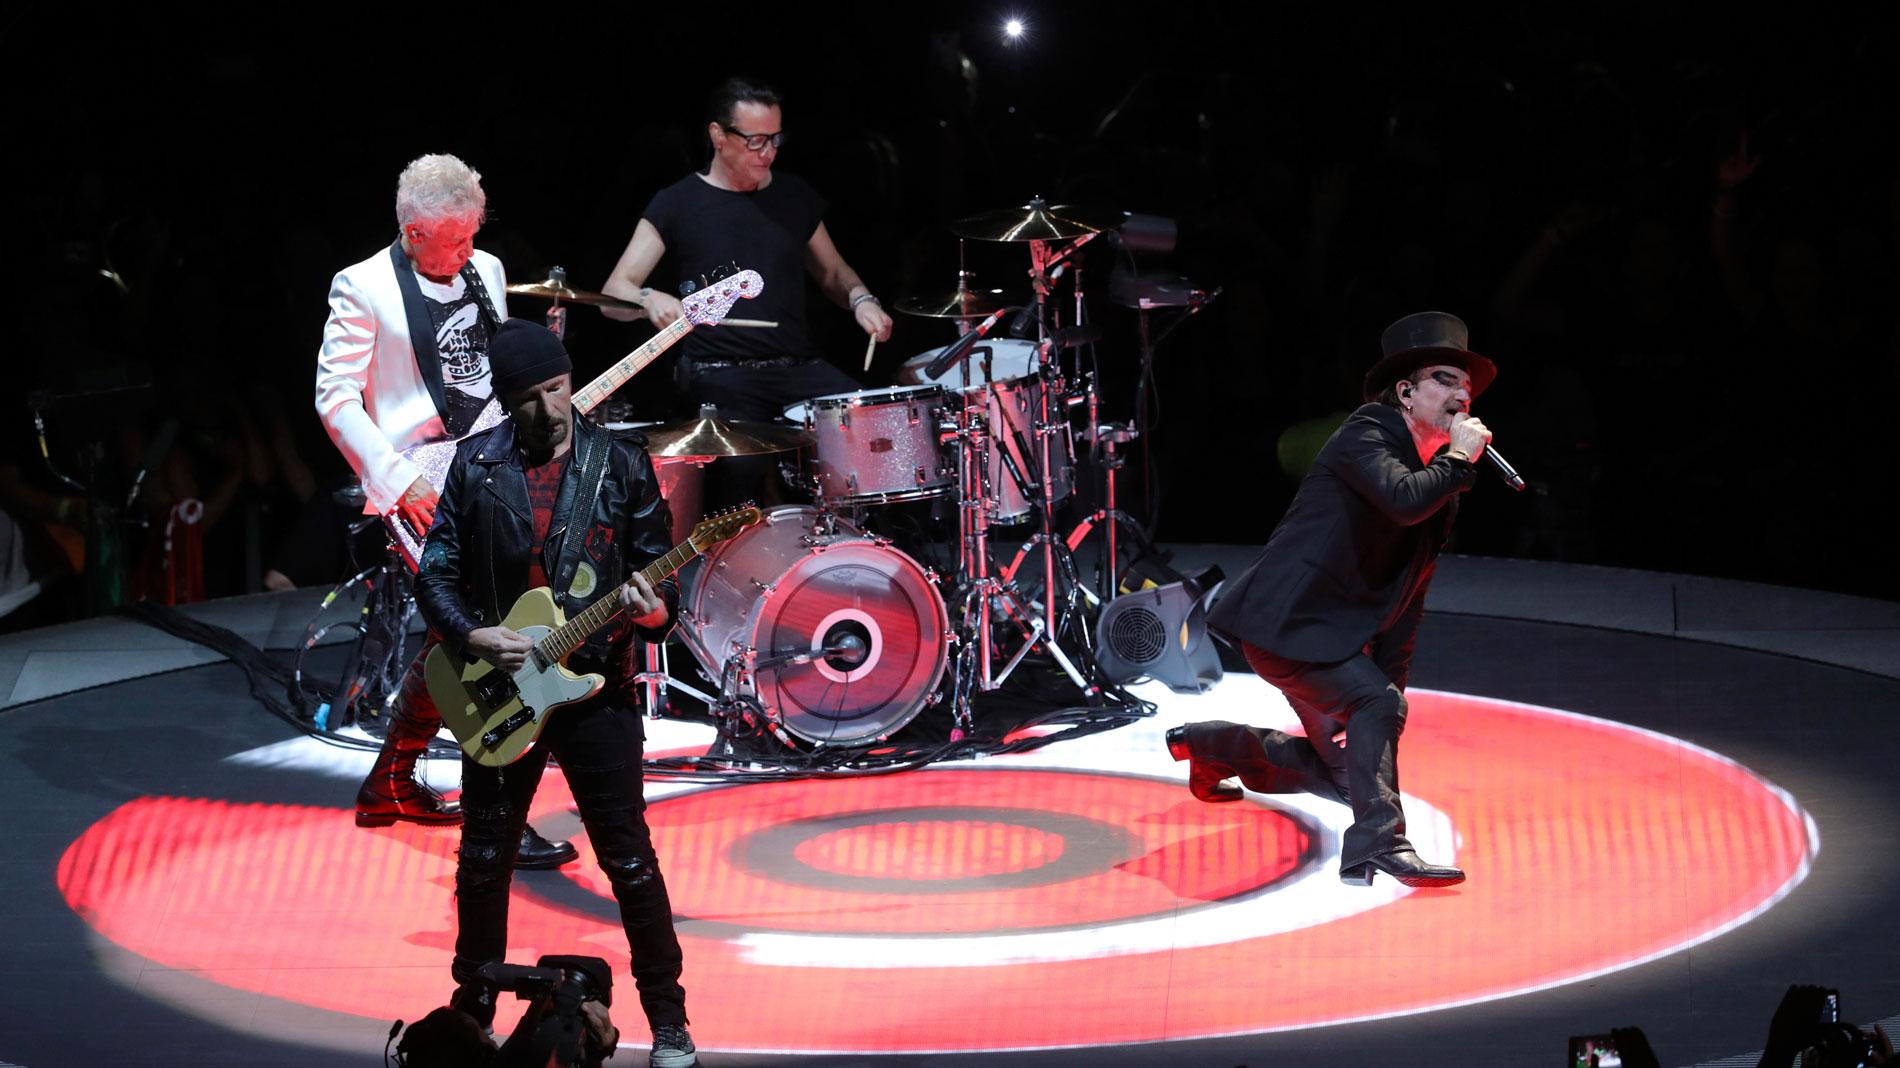 Música | U2 y España, más de 30 años de idilio